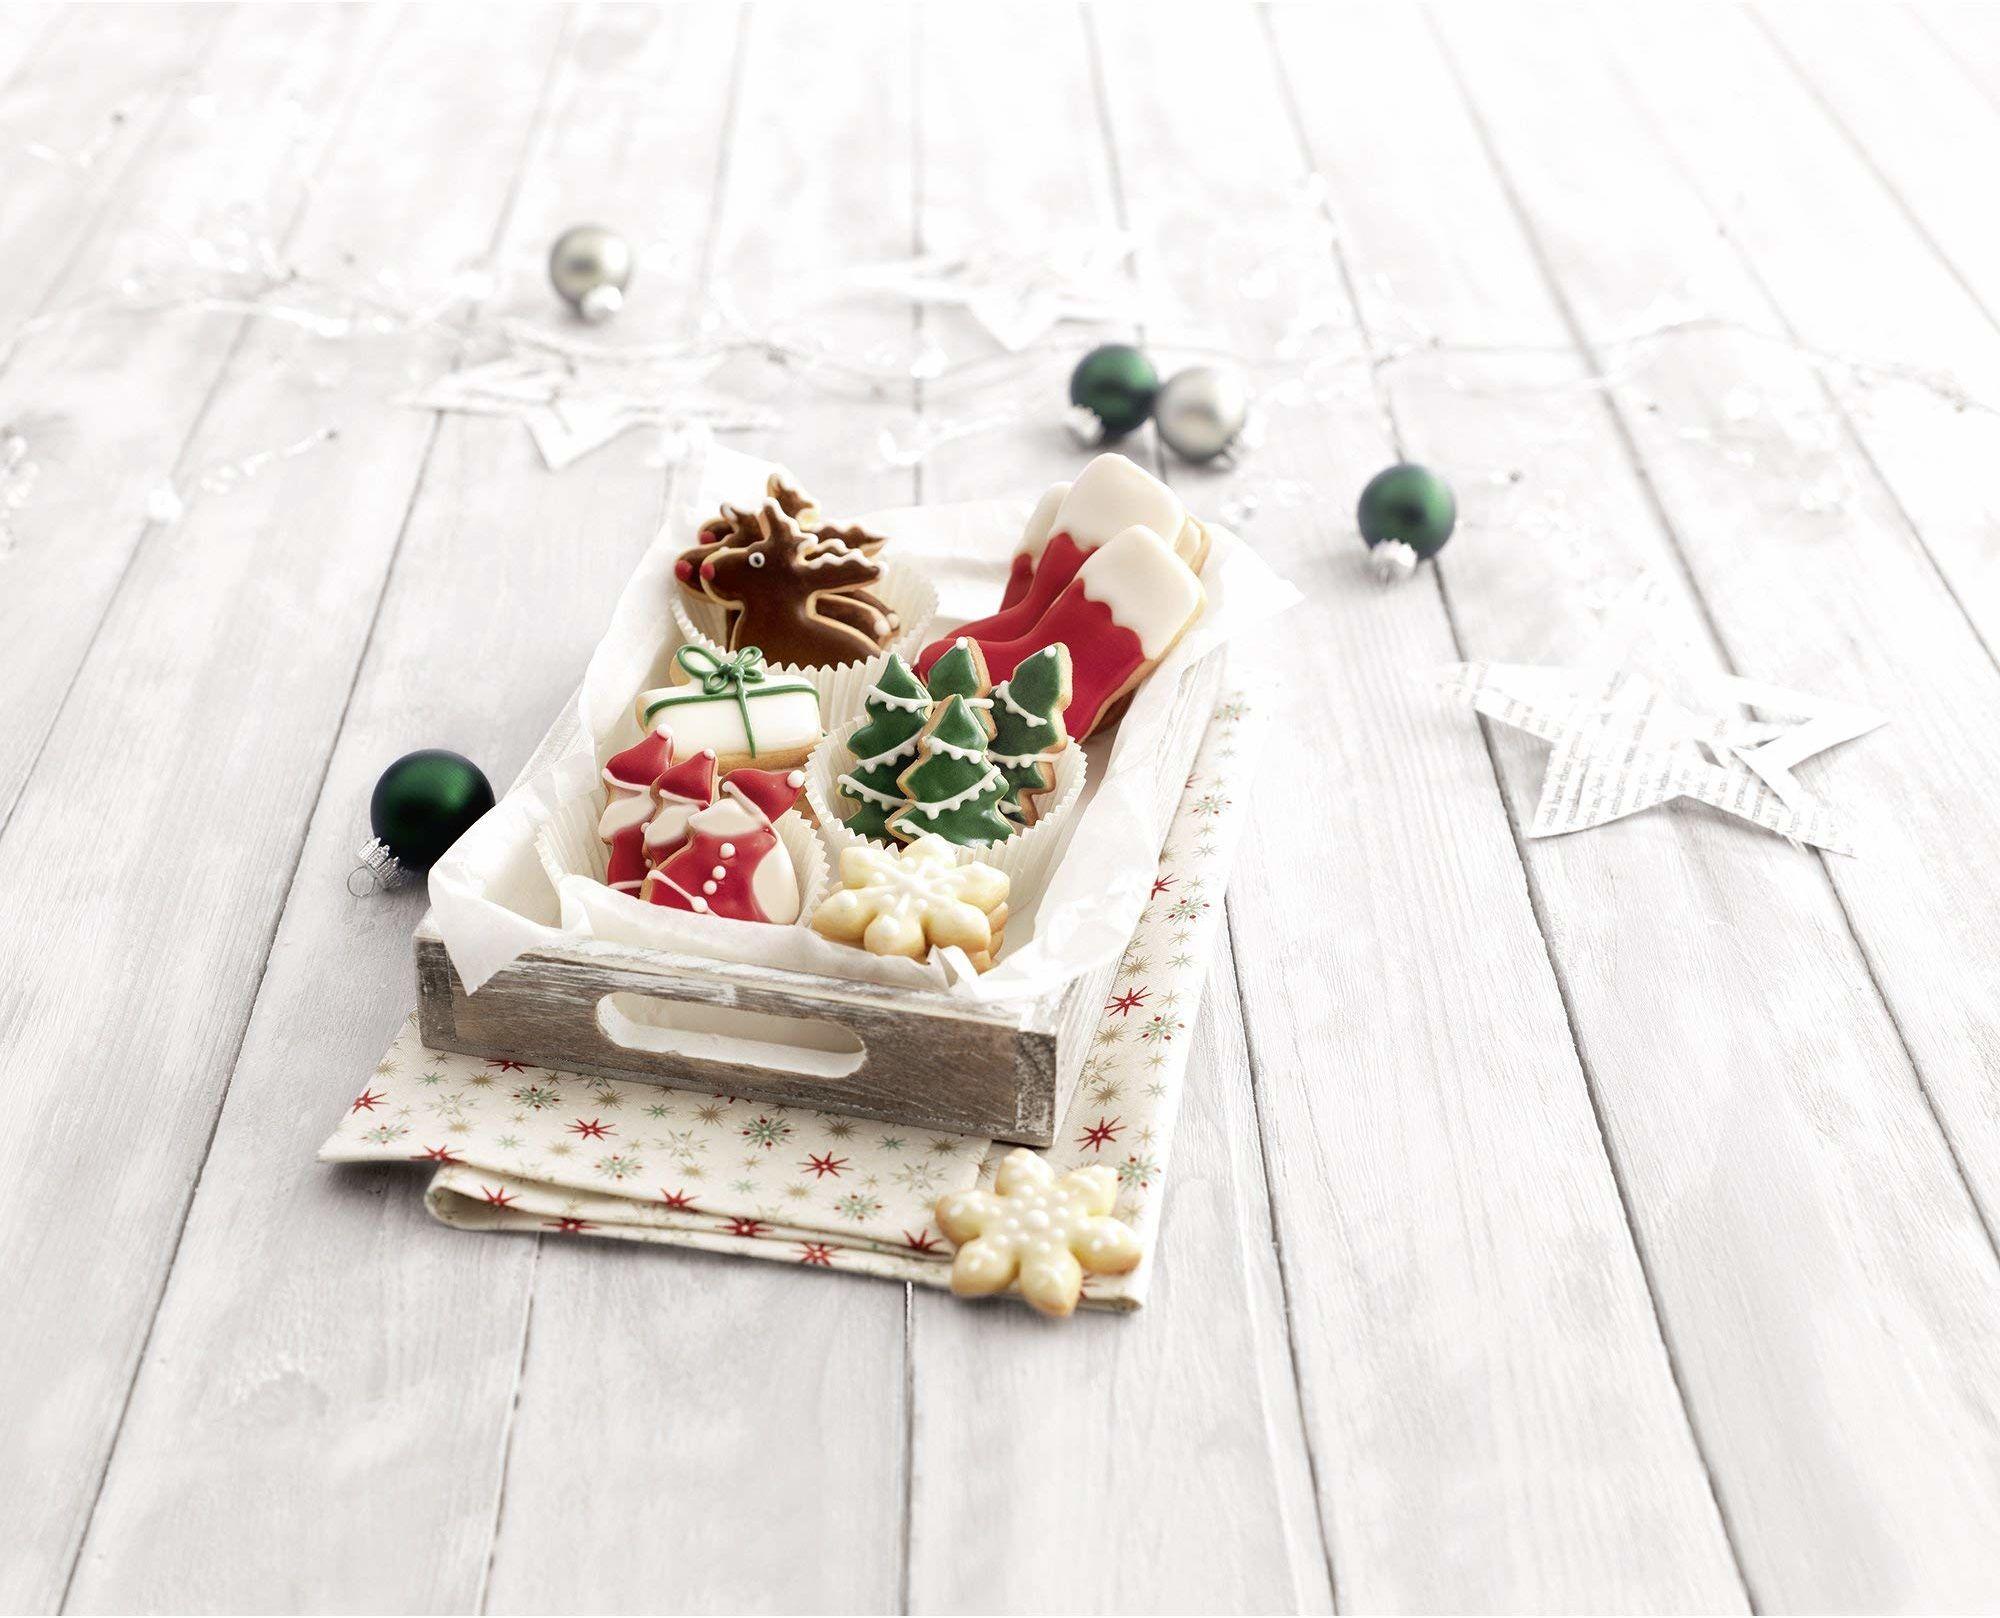 Kaiser Foremka do wykrawania ciastek gwiazda, 8-ramienna, 4 cm, Boże Narodzenie, jakość premium, łatwe i precyzyjne wykrawanie, bezpieczna, przyjemna obsługa